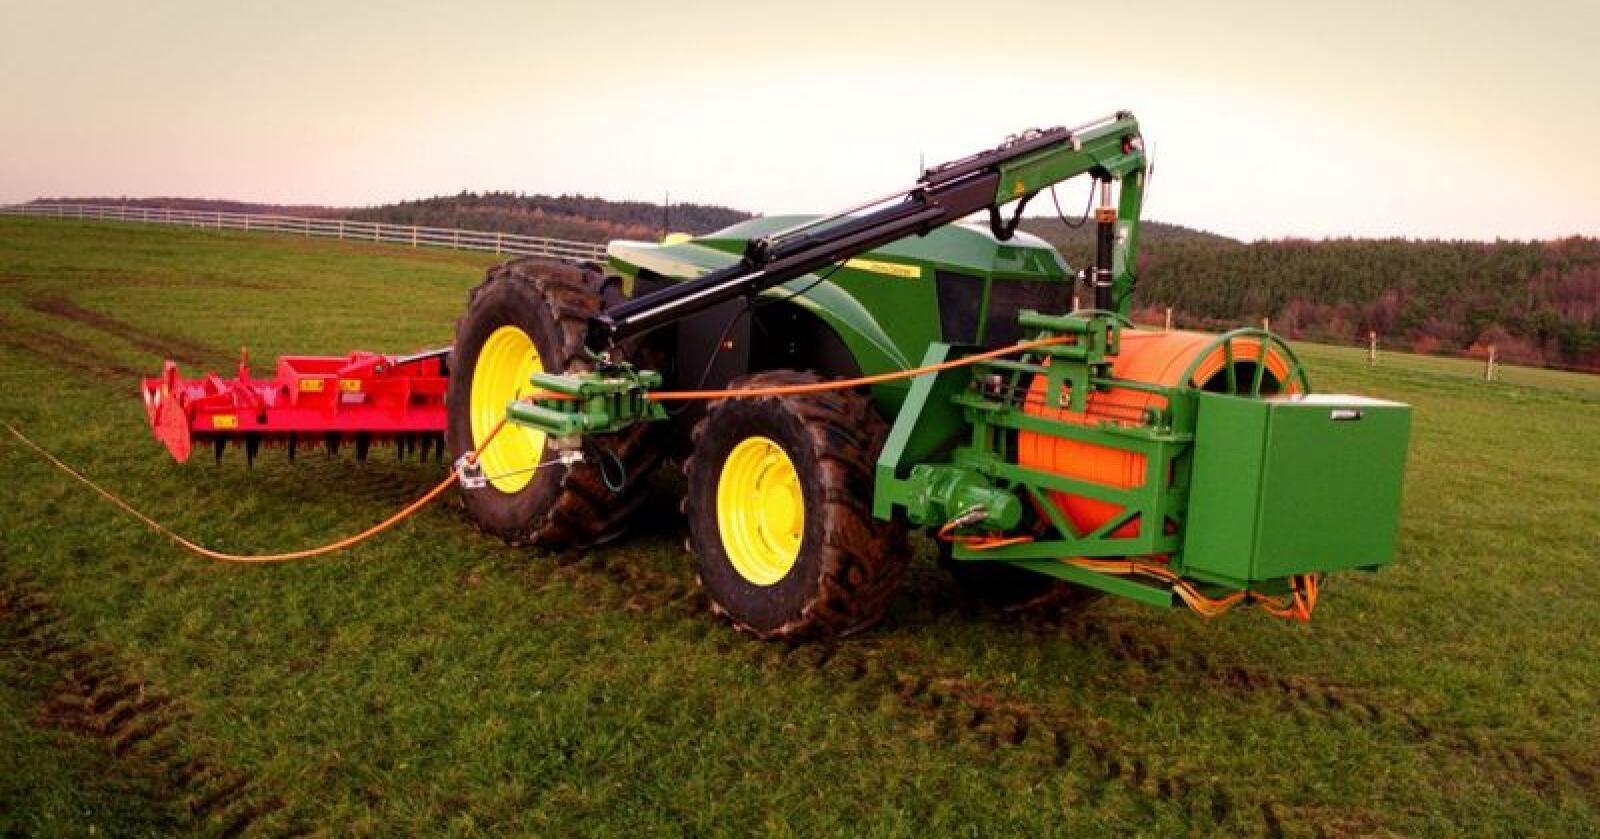 Forrige gang John Deere presenterte en elektrisk traktor var i 2016 og den var batteridrevet, denne versjonen drives av strøm rett fra nettet. Foto: John Deere